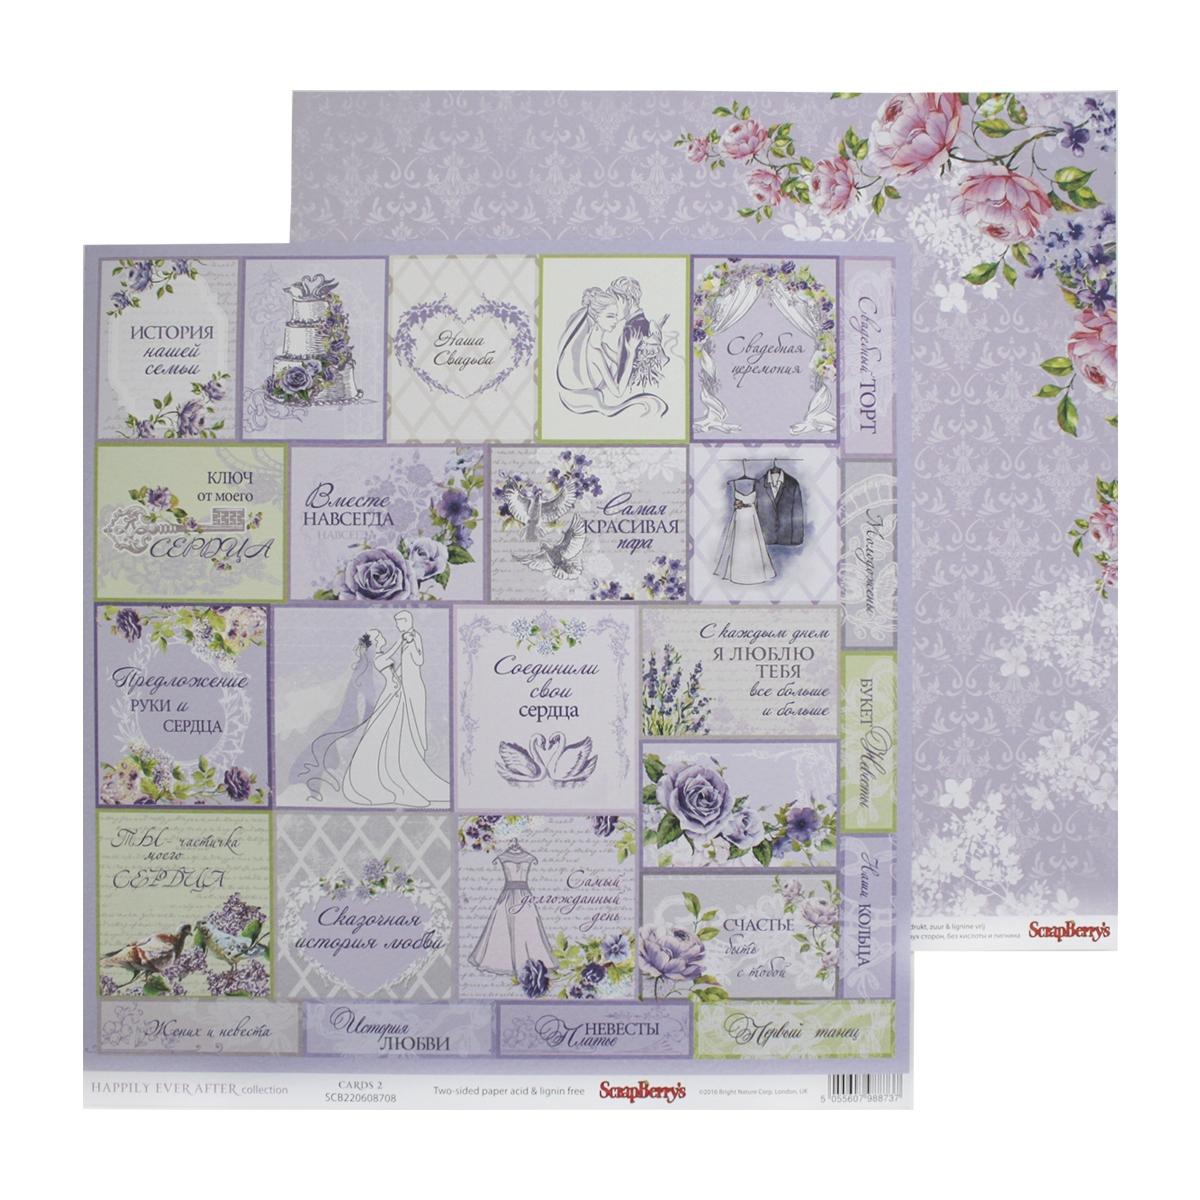 Бумага для скрапбукинга ScrapBerrys Счастливый день. Карточки 2, двухсторонняя, 30,5 х 30,5 см, 10 листов. 497101497101